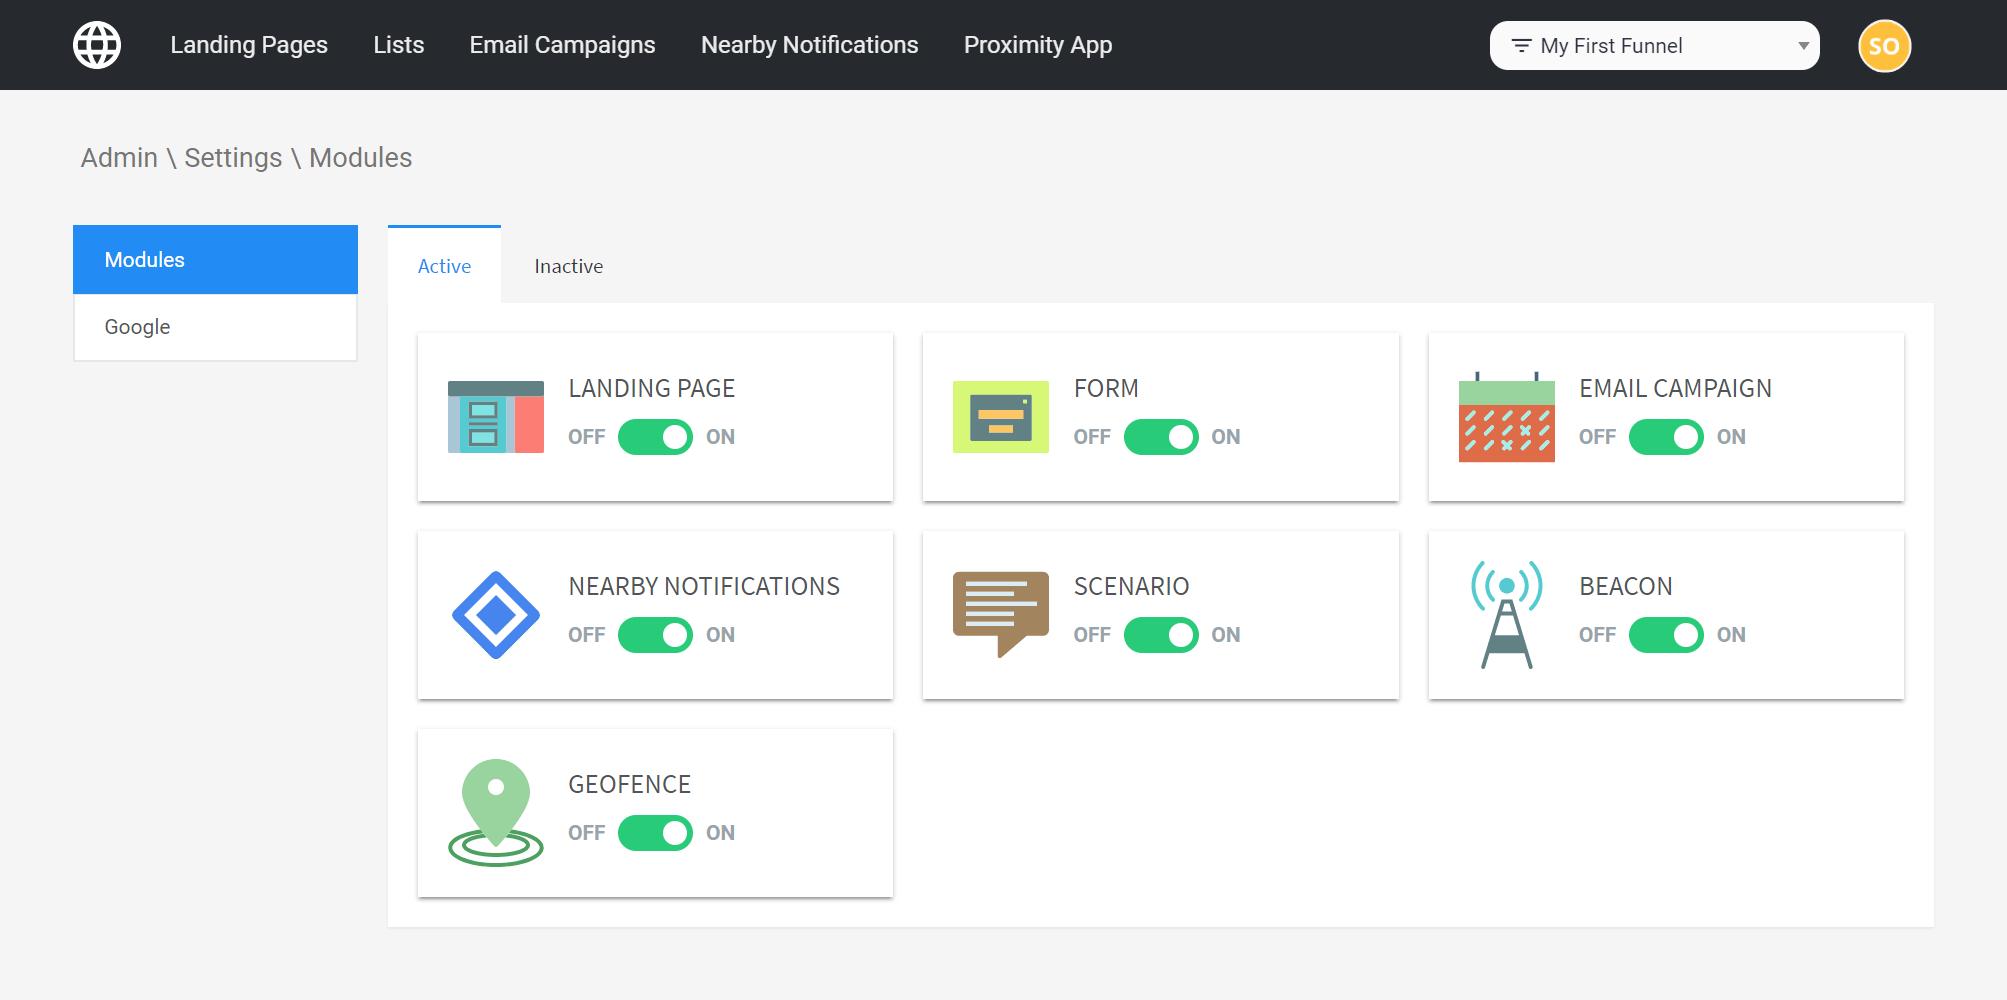 admin-settings-modules.png